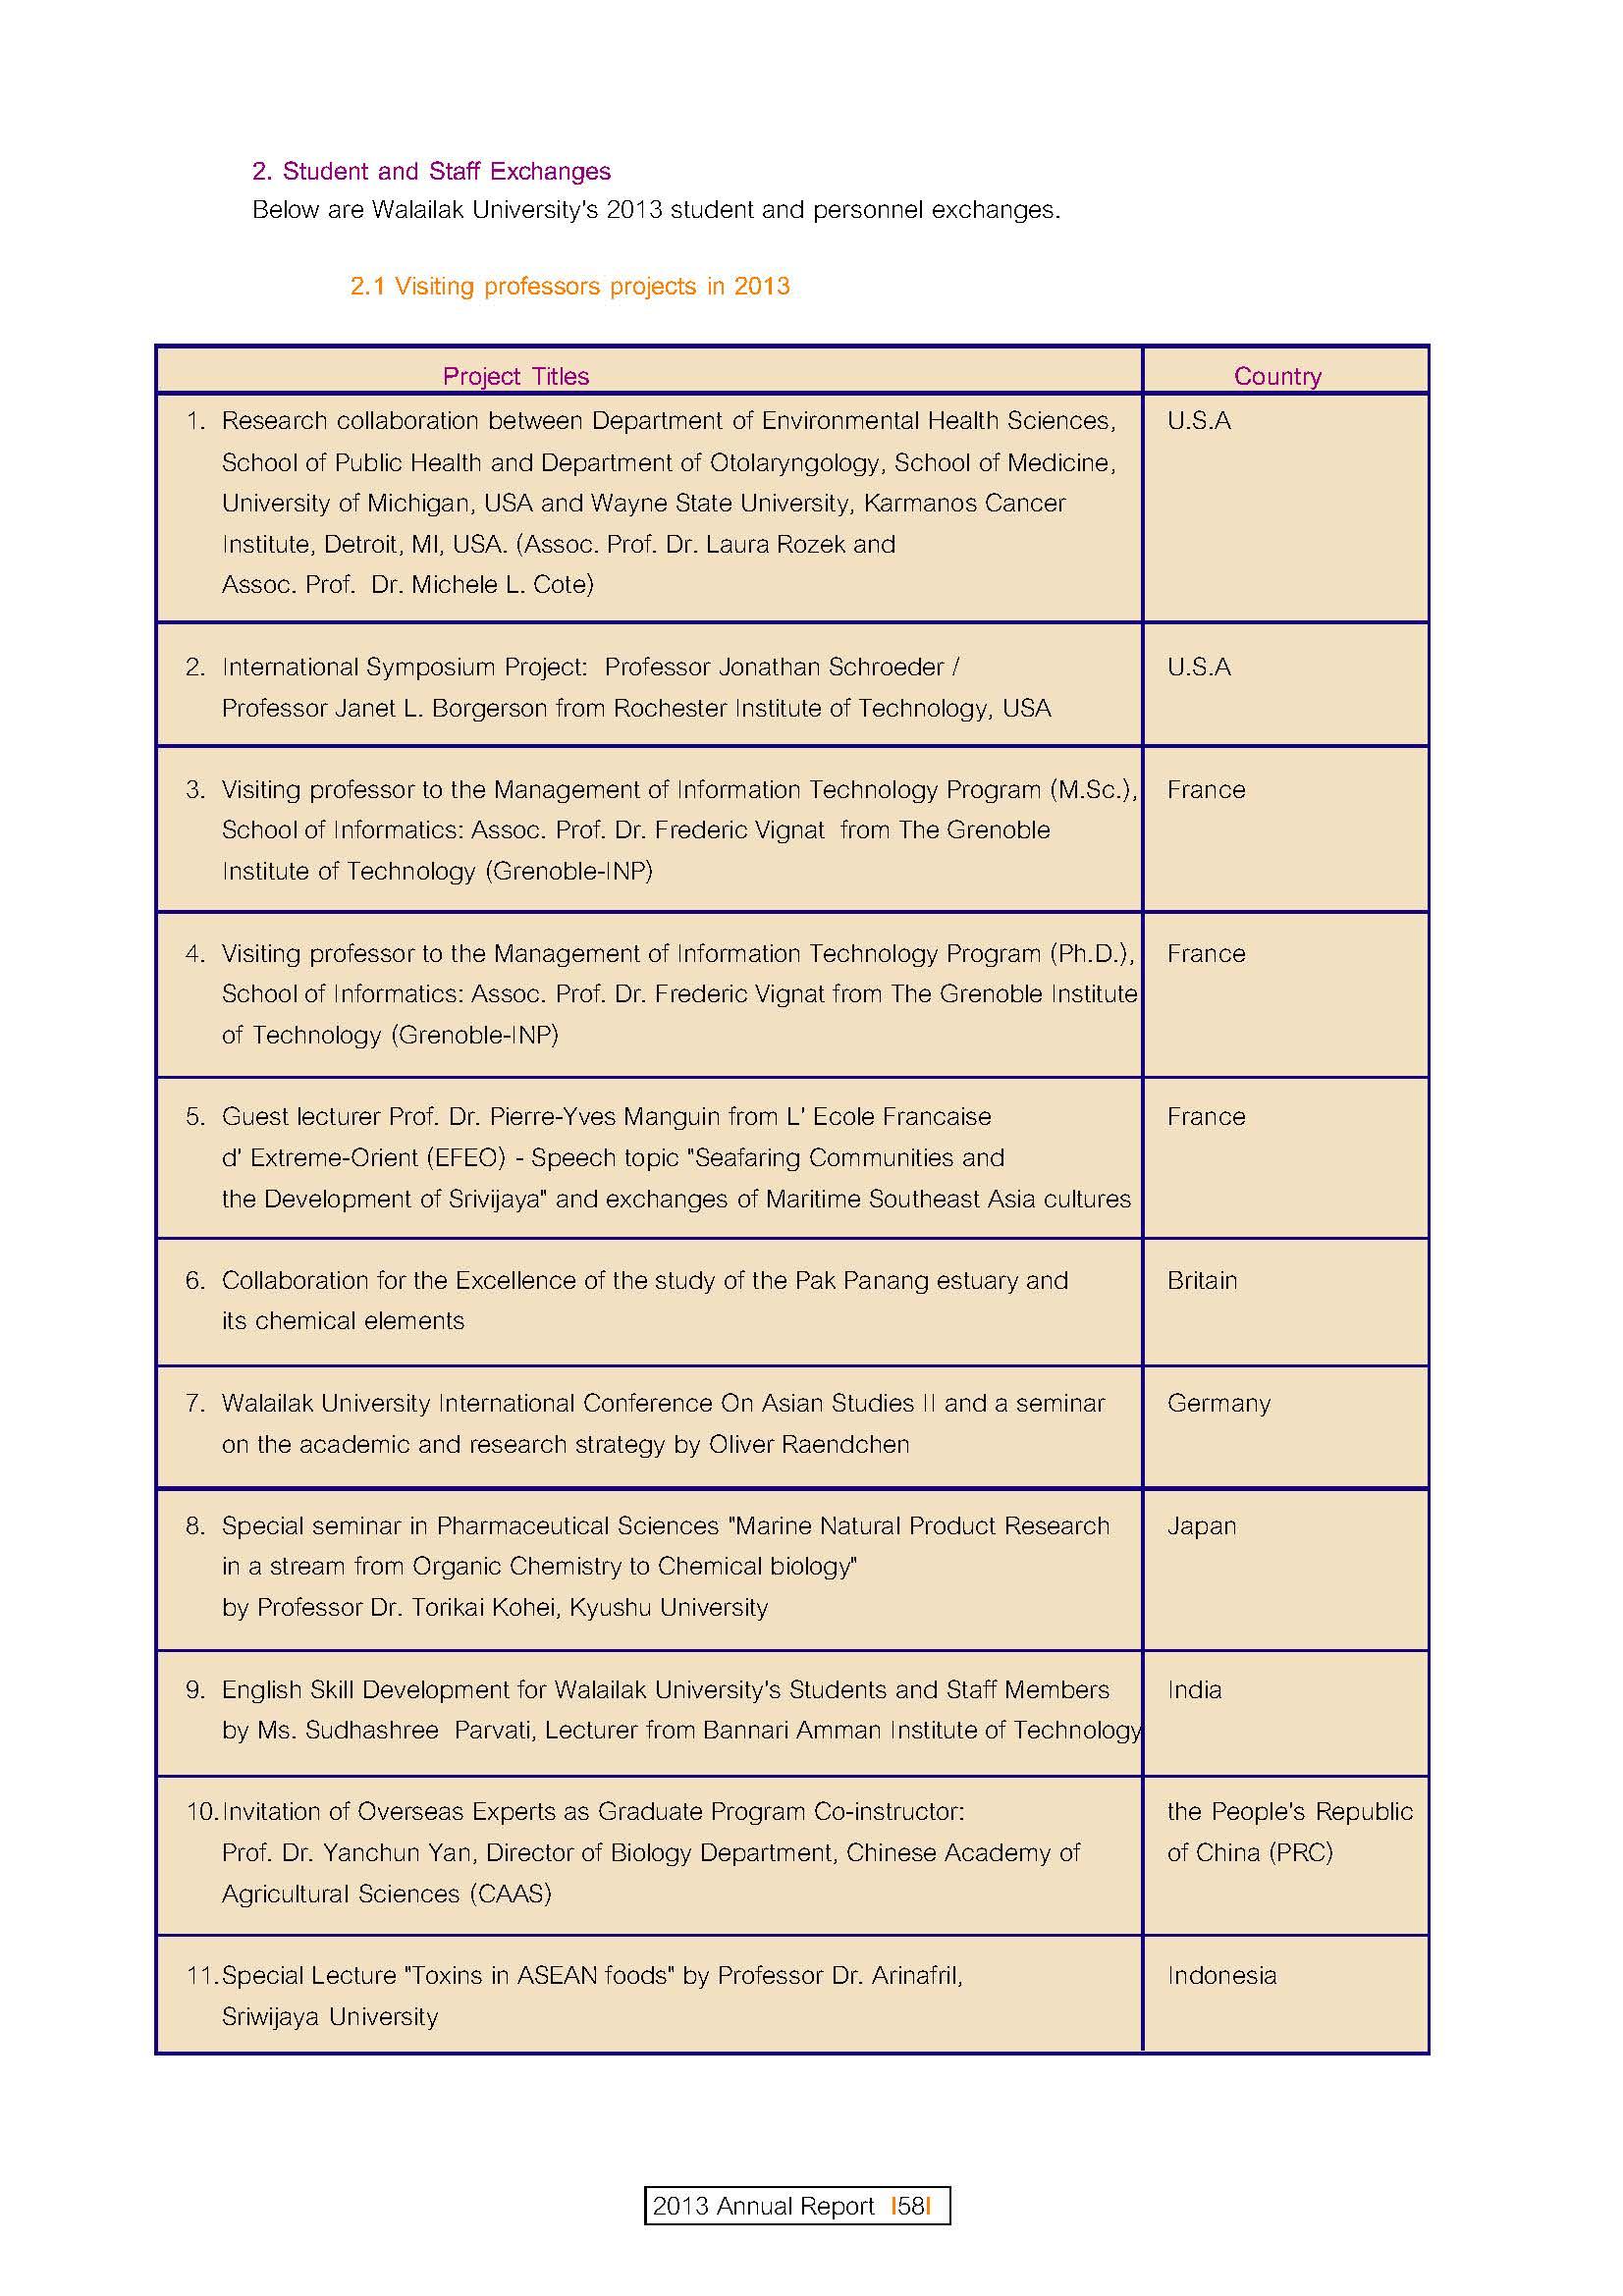 รายงานประจำปี2013ภาษาอังกฤษ_Page_58